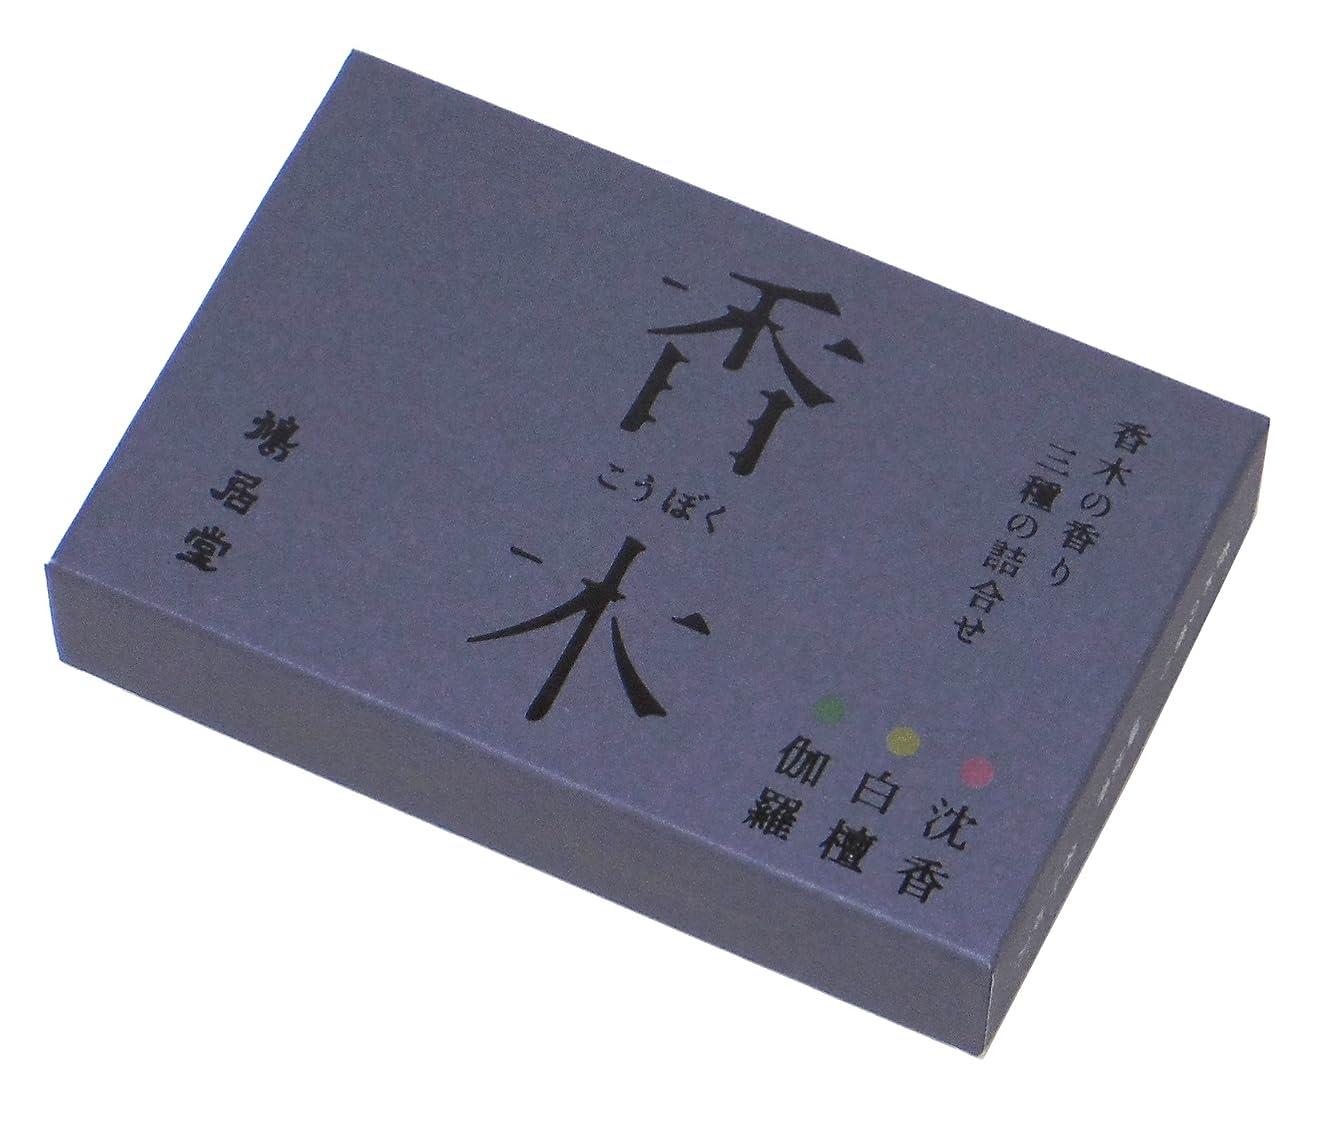 聴衆平衡介入する鳩居堂のお香 香木の香り3種セット 3種類各10本入 6cm 香立入